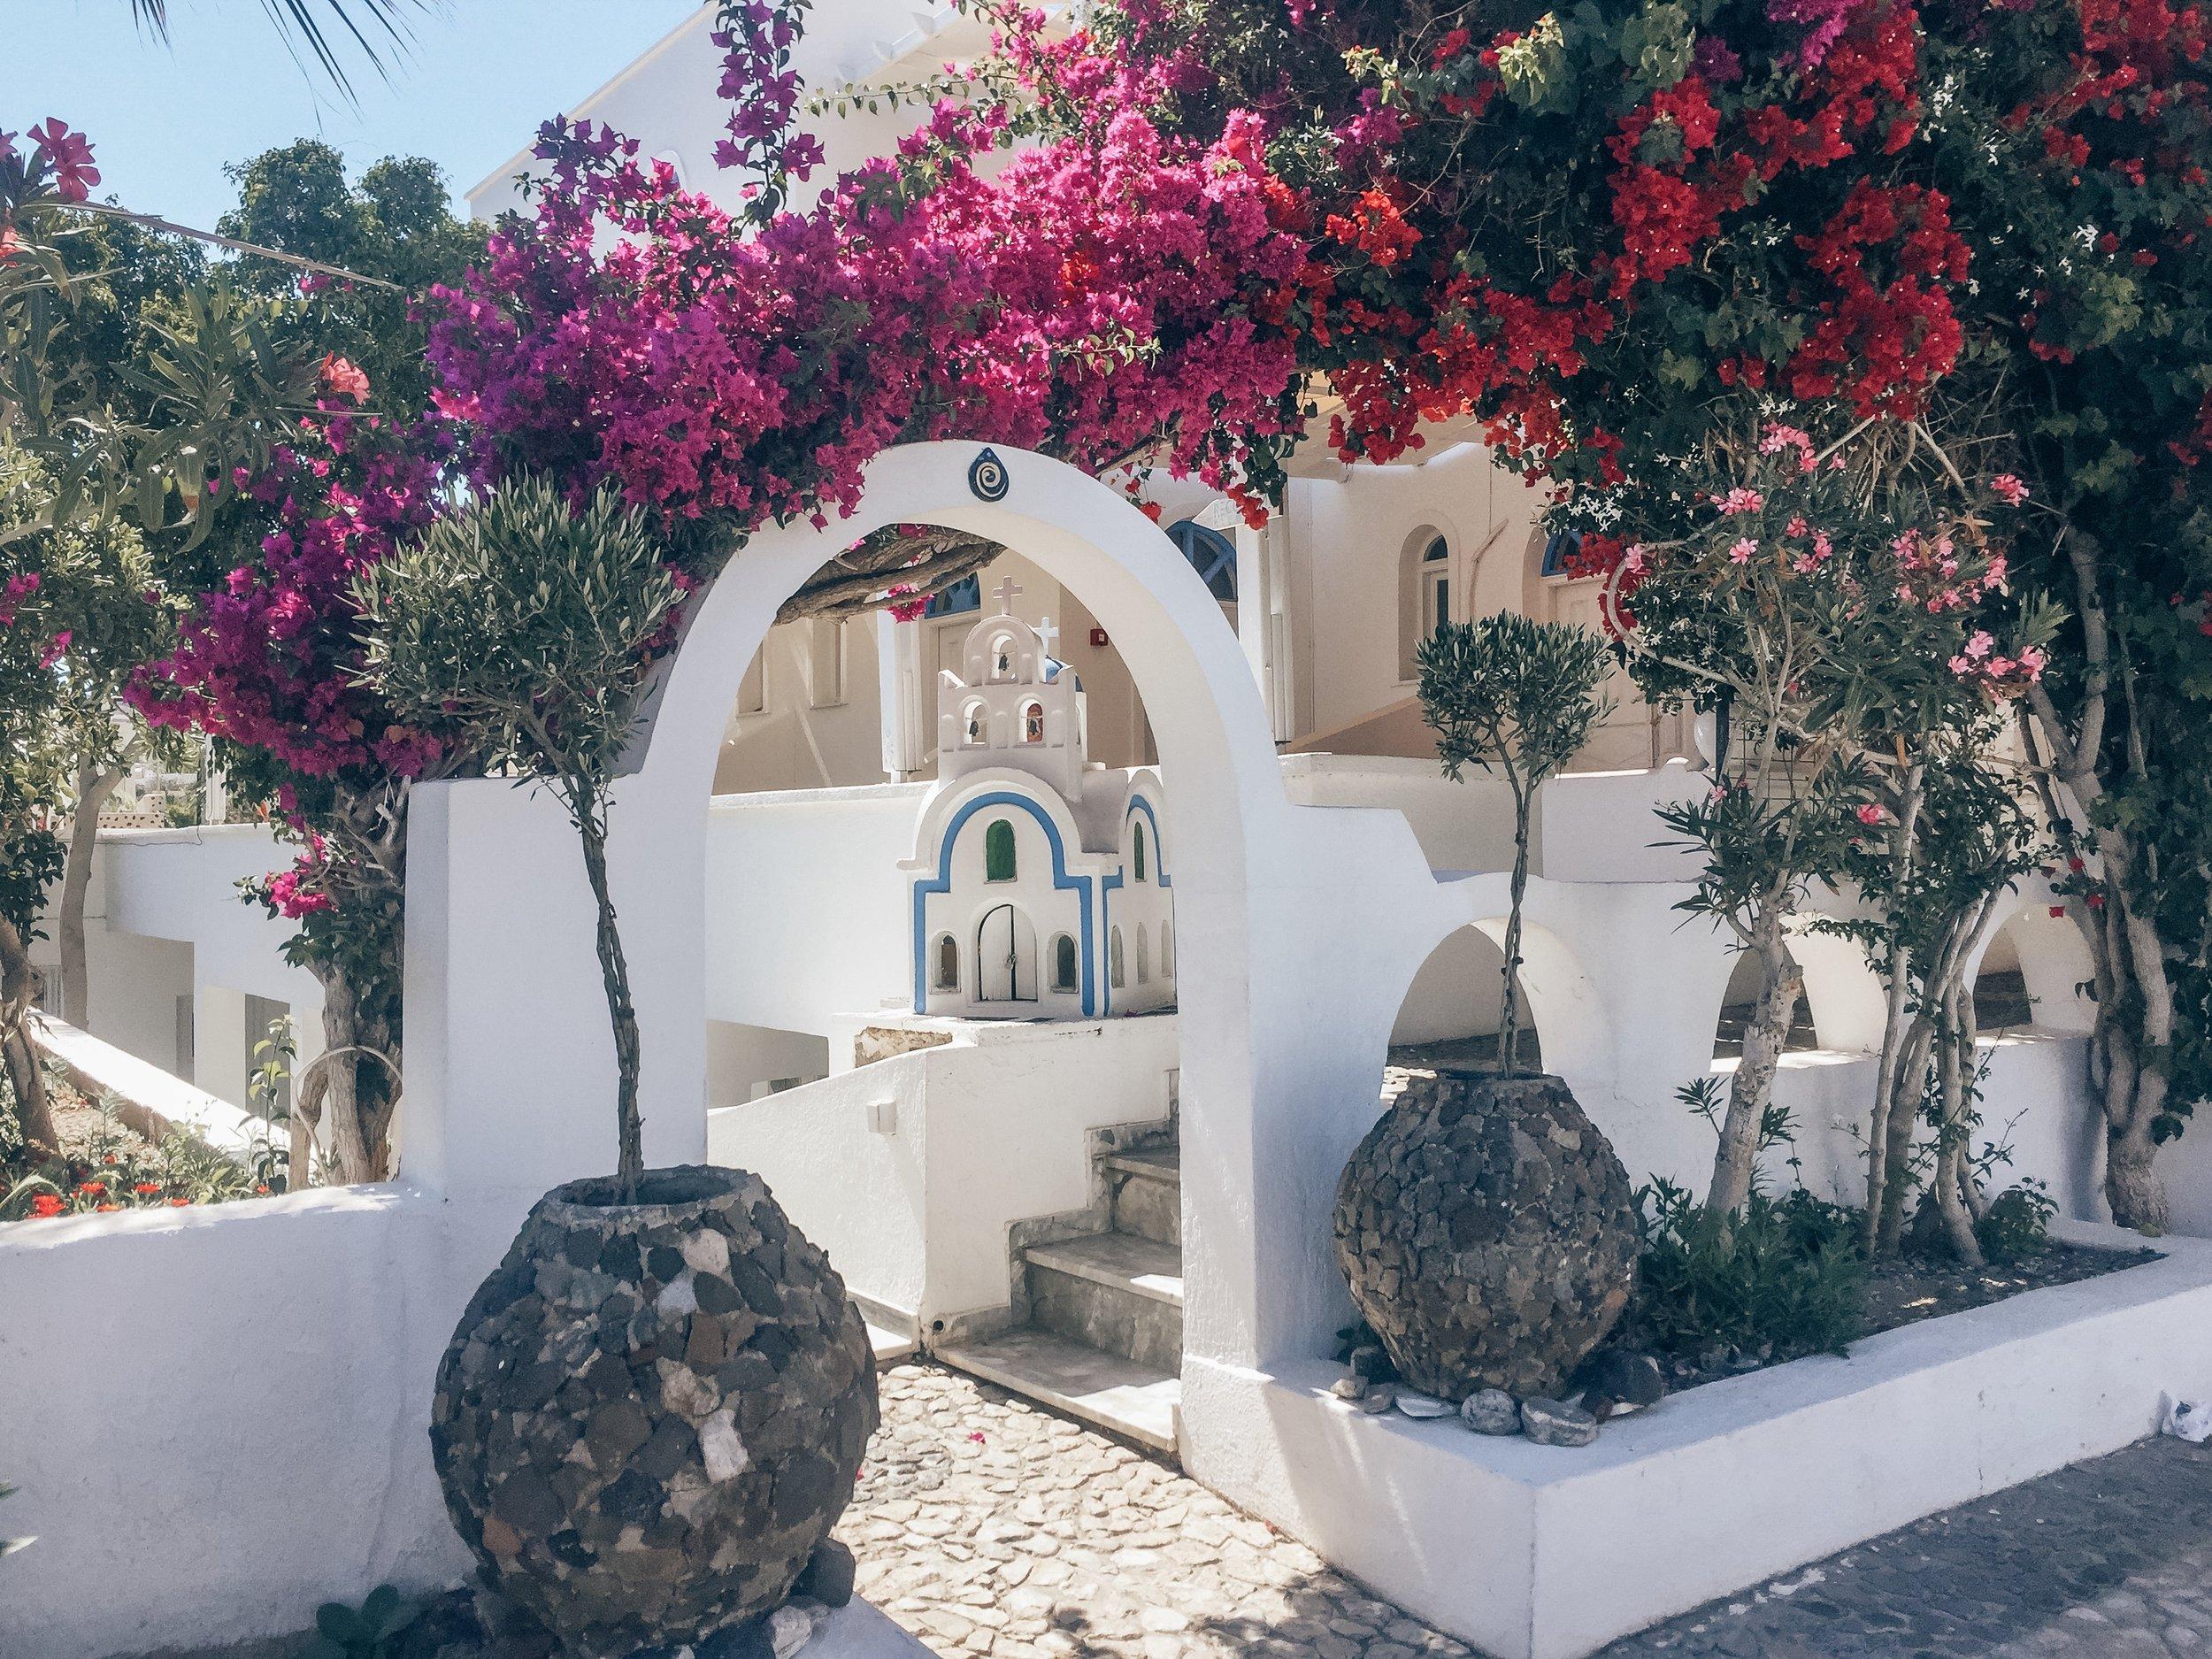 Bluelife Studios Santorini Greece – Kessler Ramirez